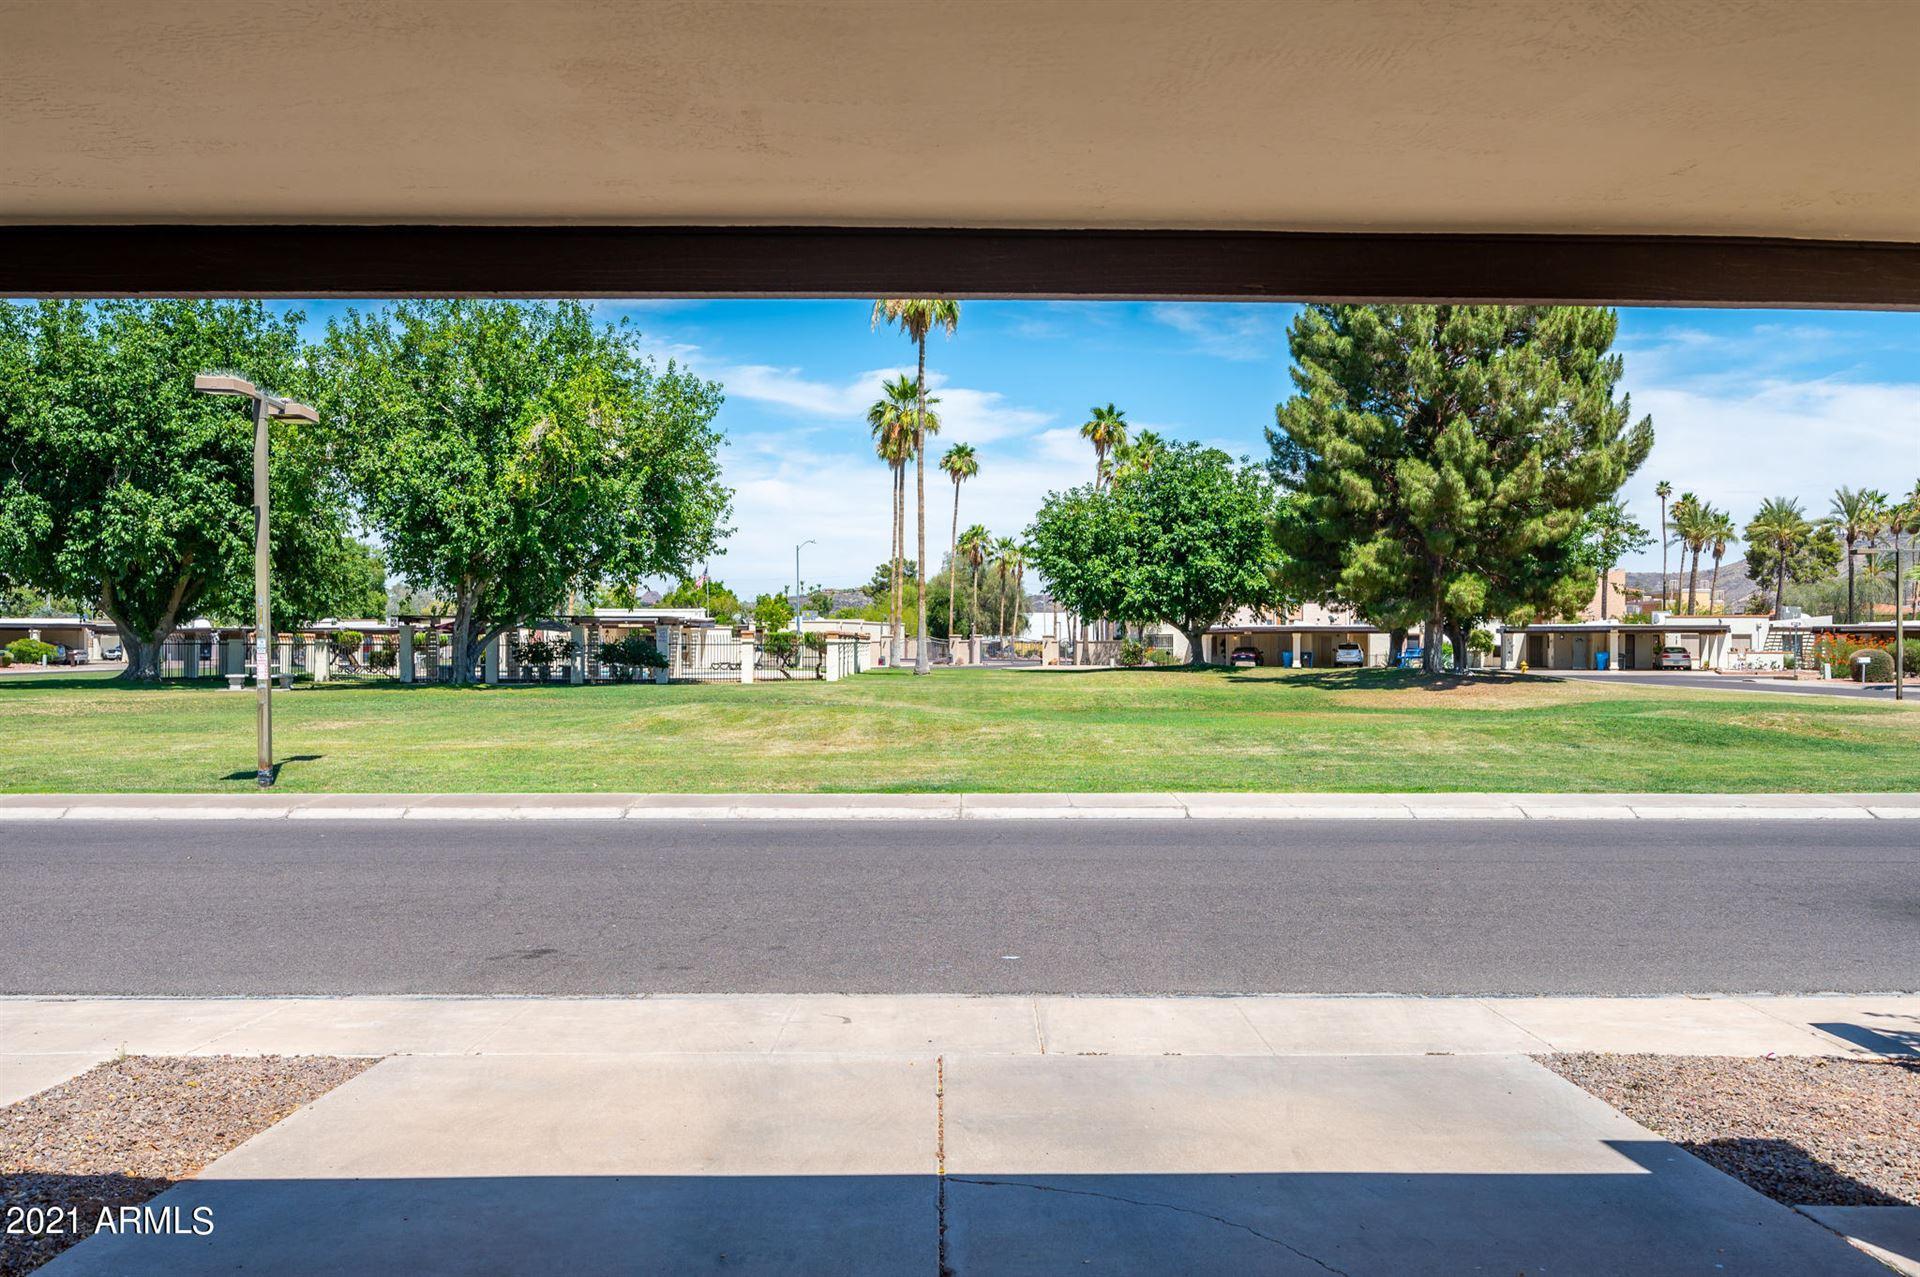 14010 N 30TH Lane, Phoenix, AZ 85053 - MLS#: 6249252